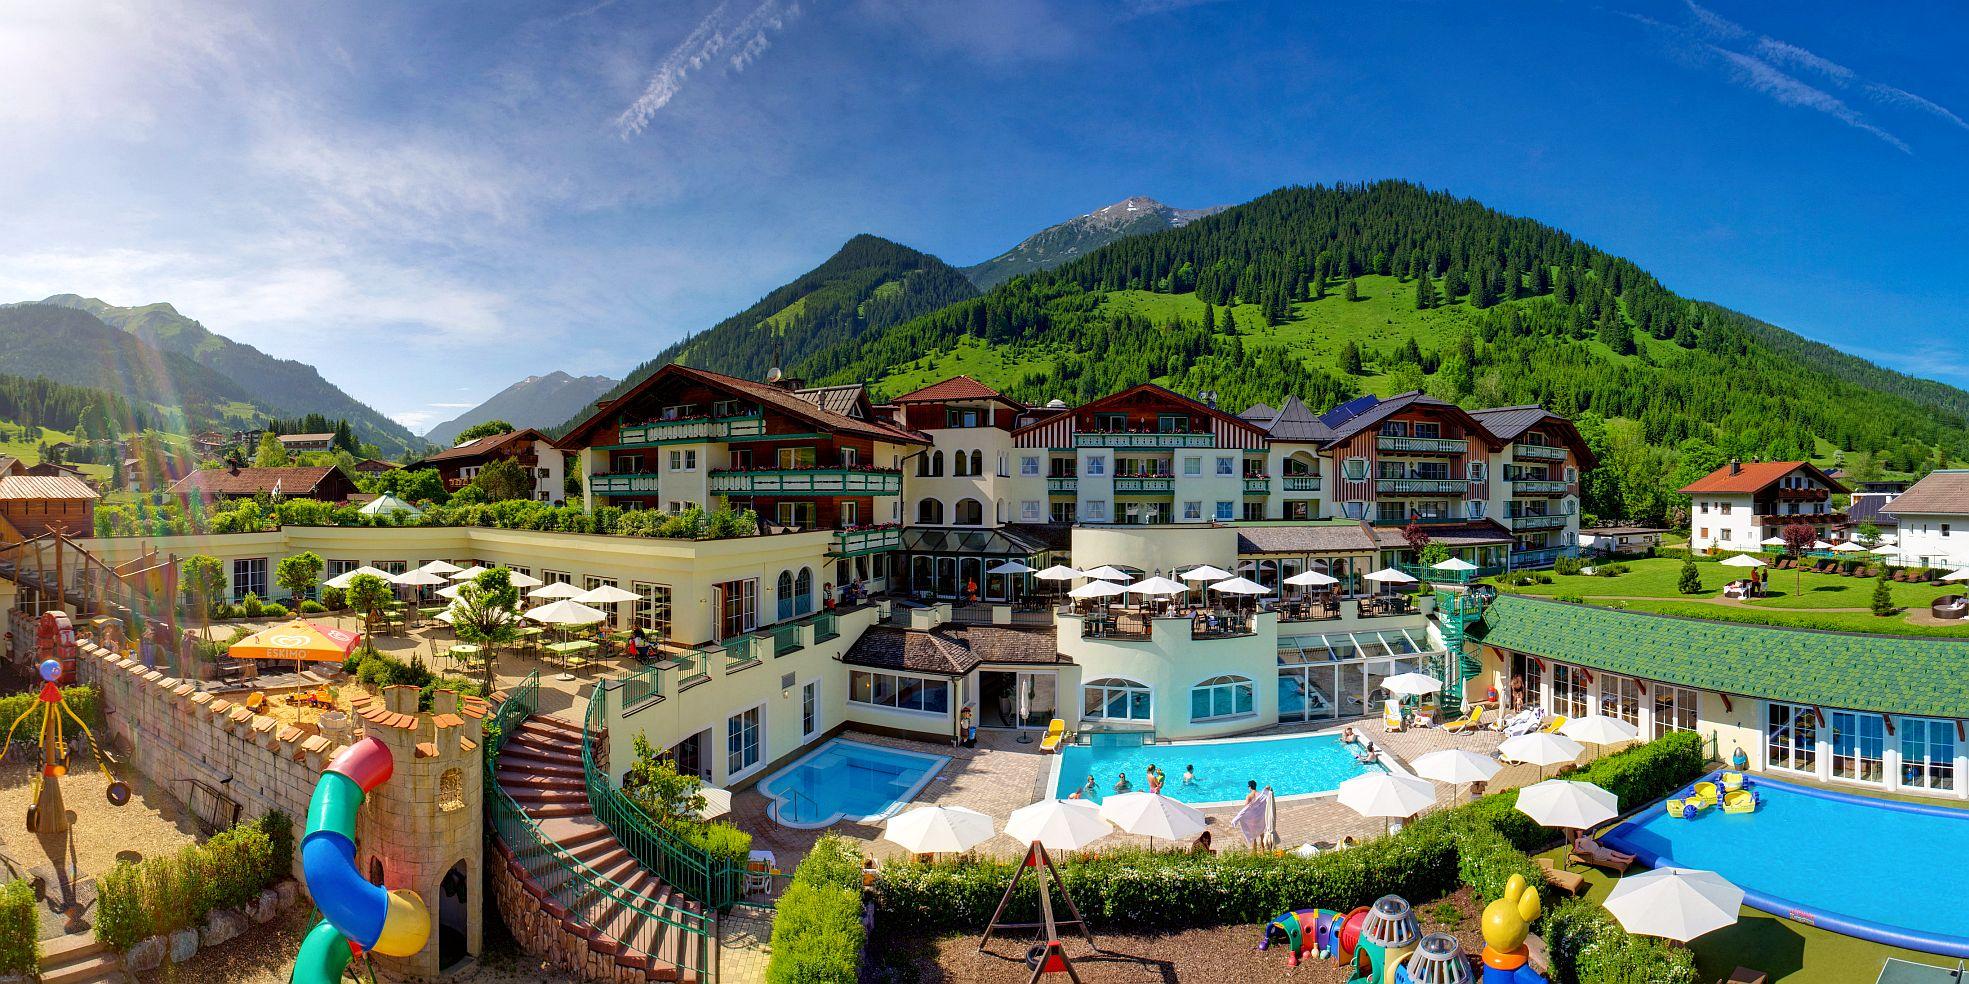 Hotel Alpenrose Osterreich